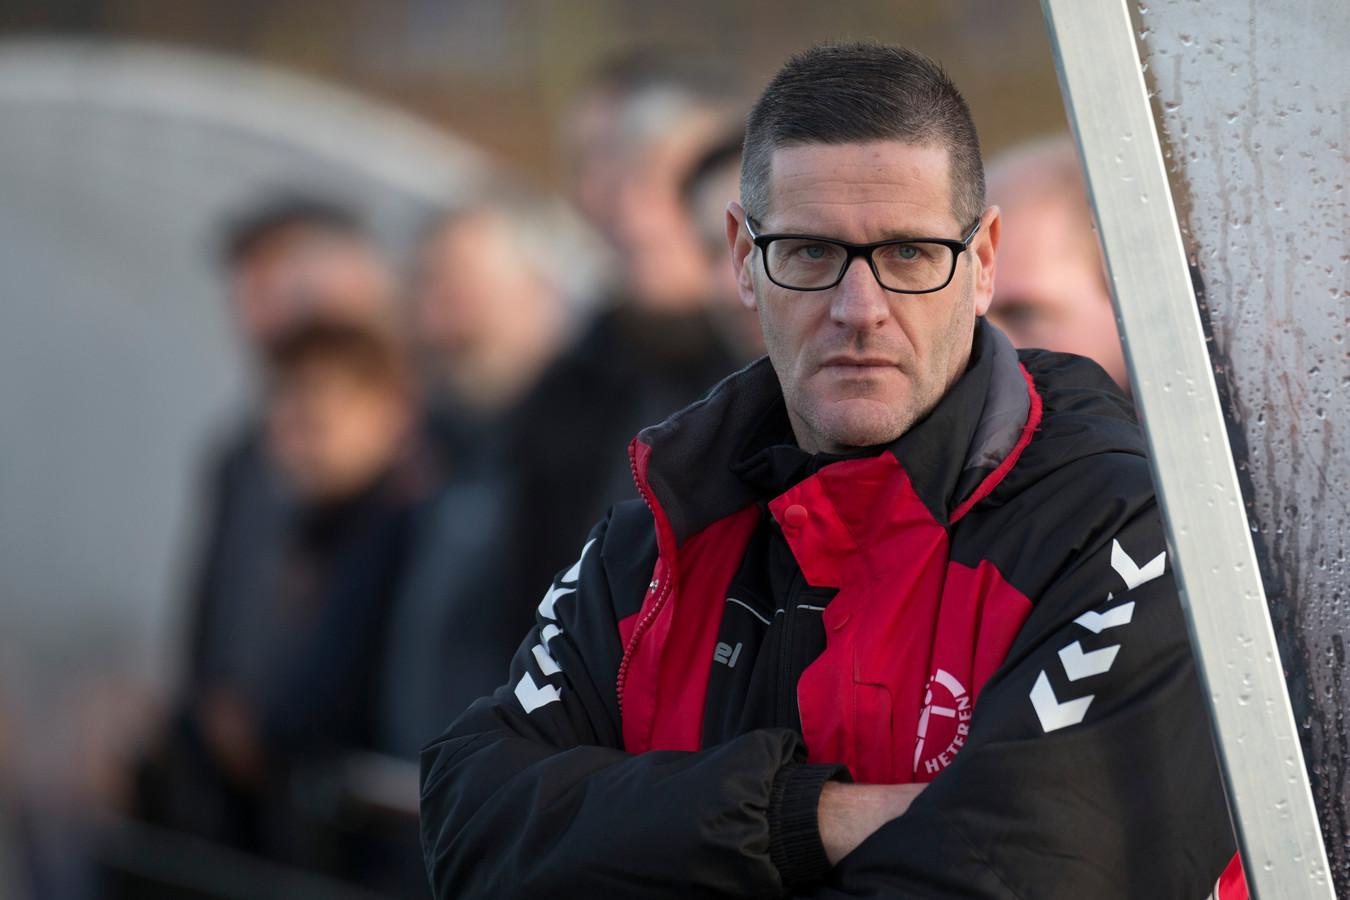 Manfred van den Broek stopt als trainer van OSC. En als voetbaltrainer.